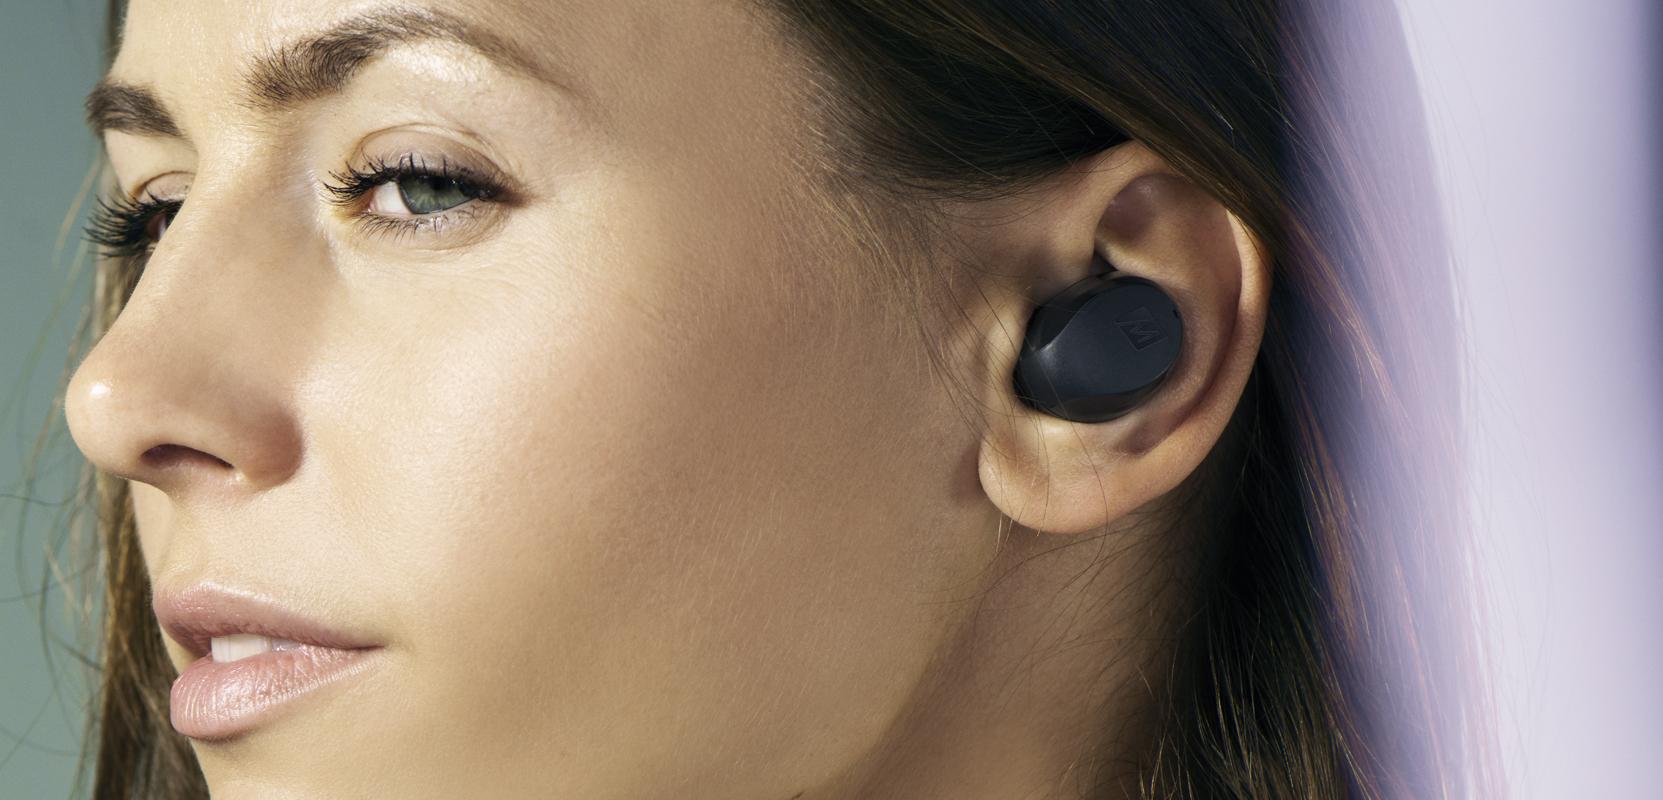 Kobieta w słuchawkach MEE Audio X10